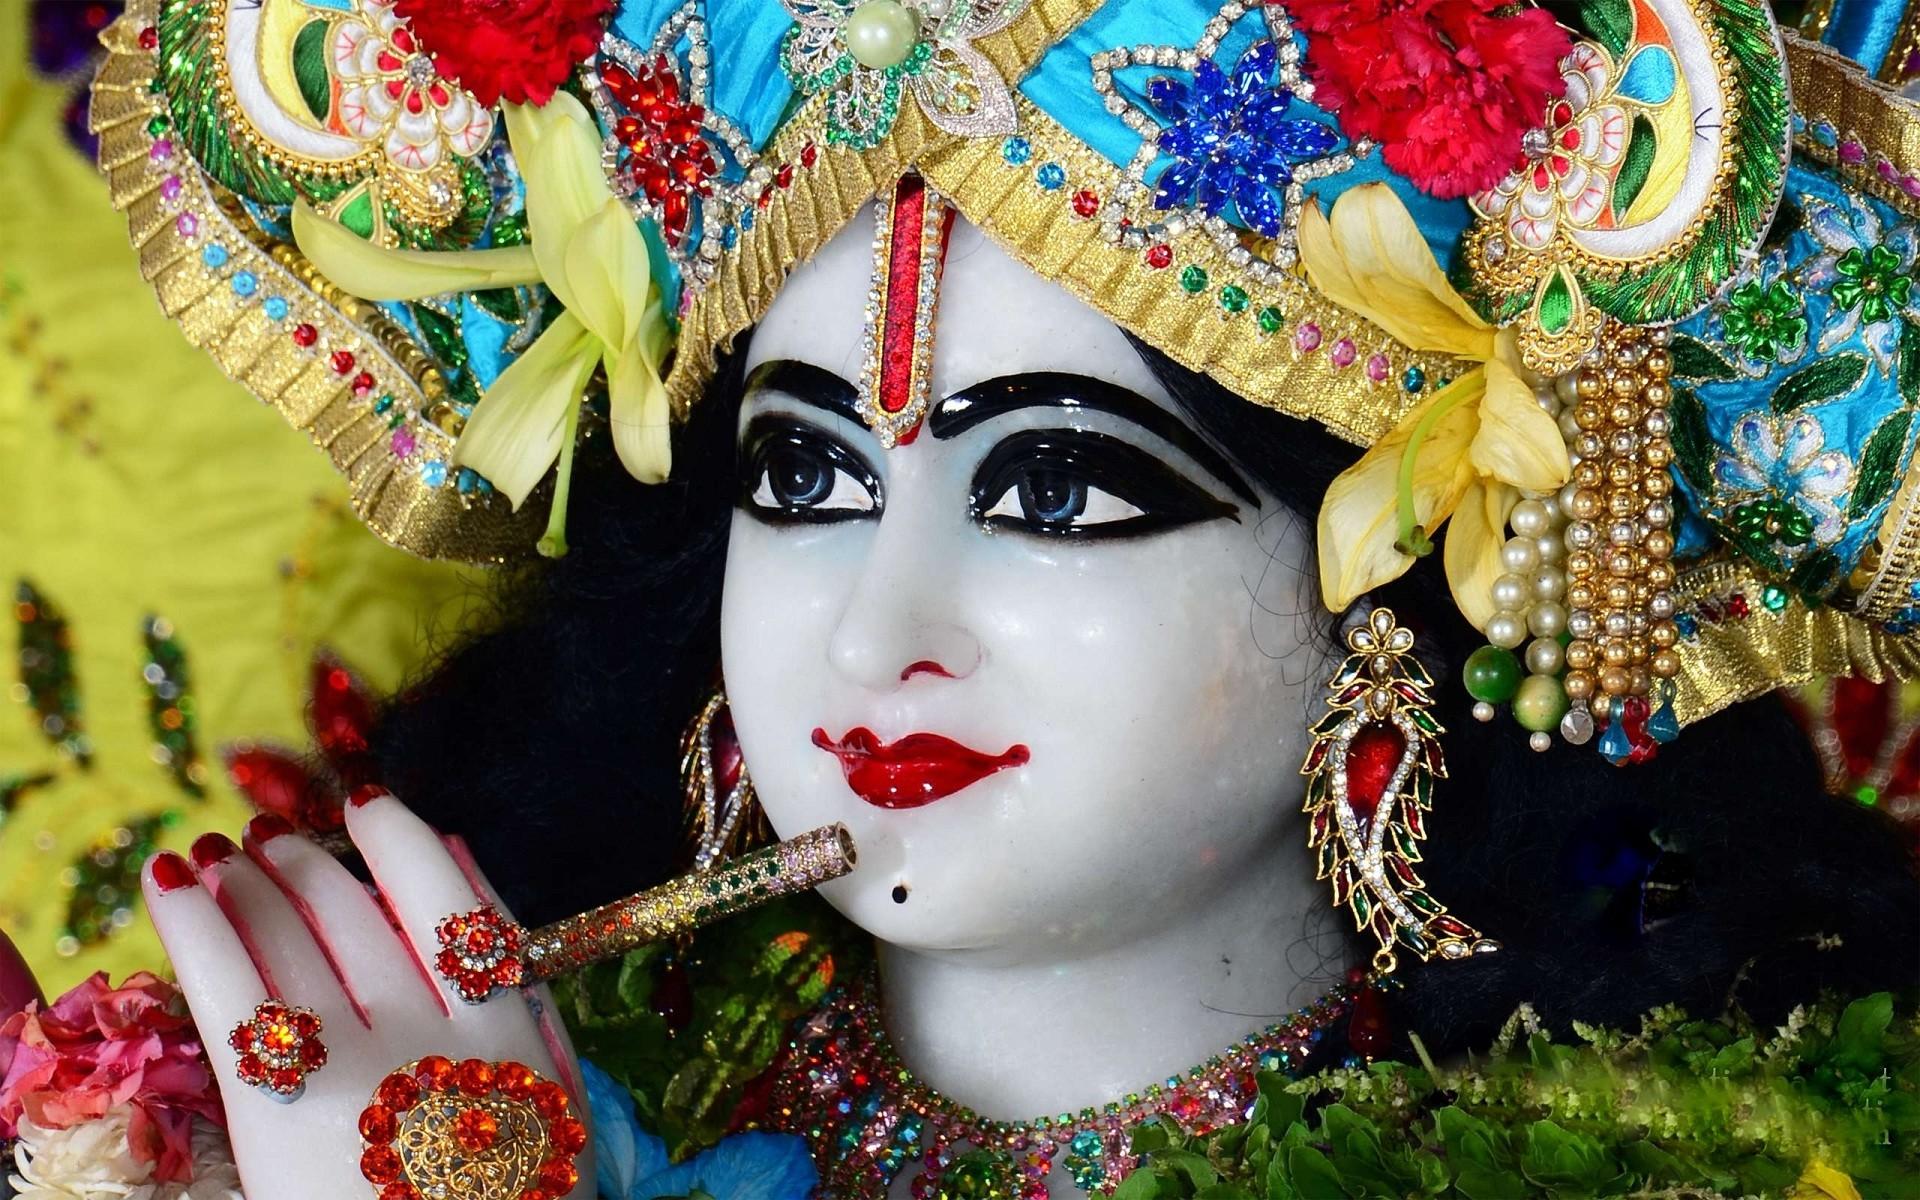 Lord Shree Krishna Hd Photos   Data Src Free Lord Krishna - Hd Krishna Images Free Download - HD Wallpaper